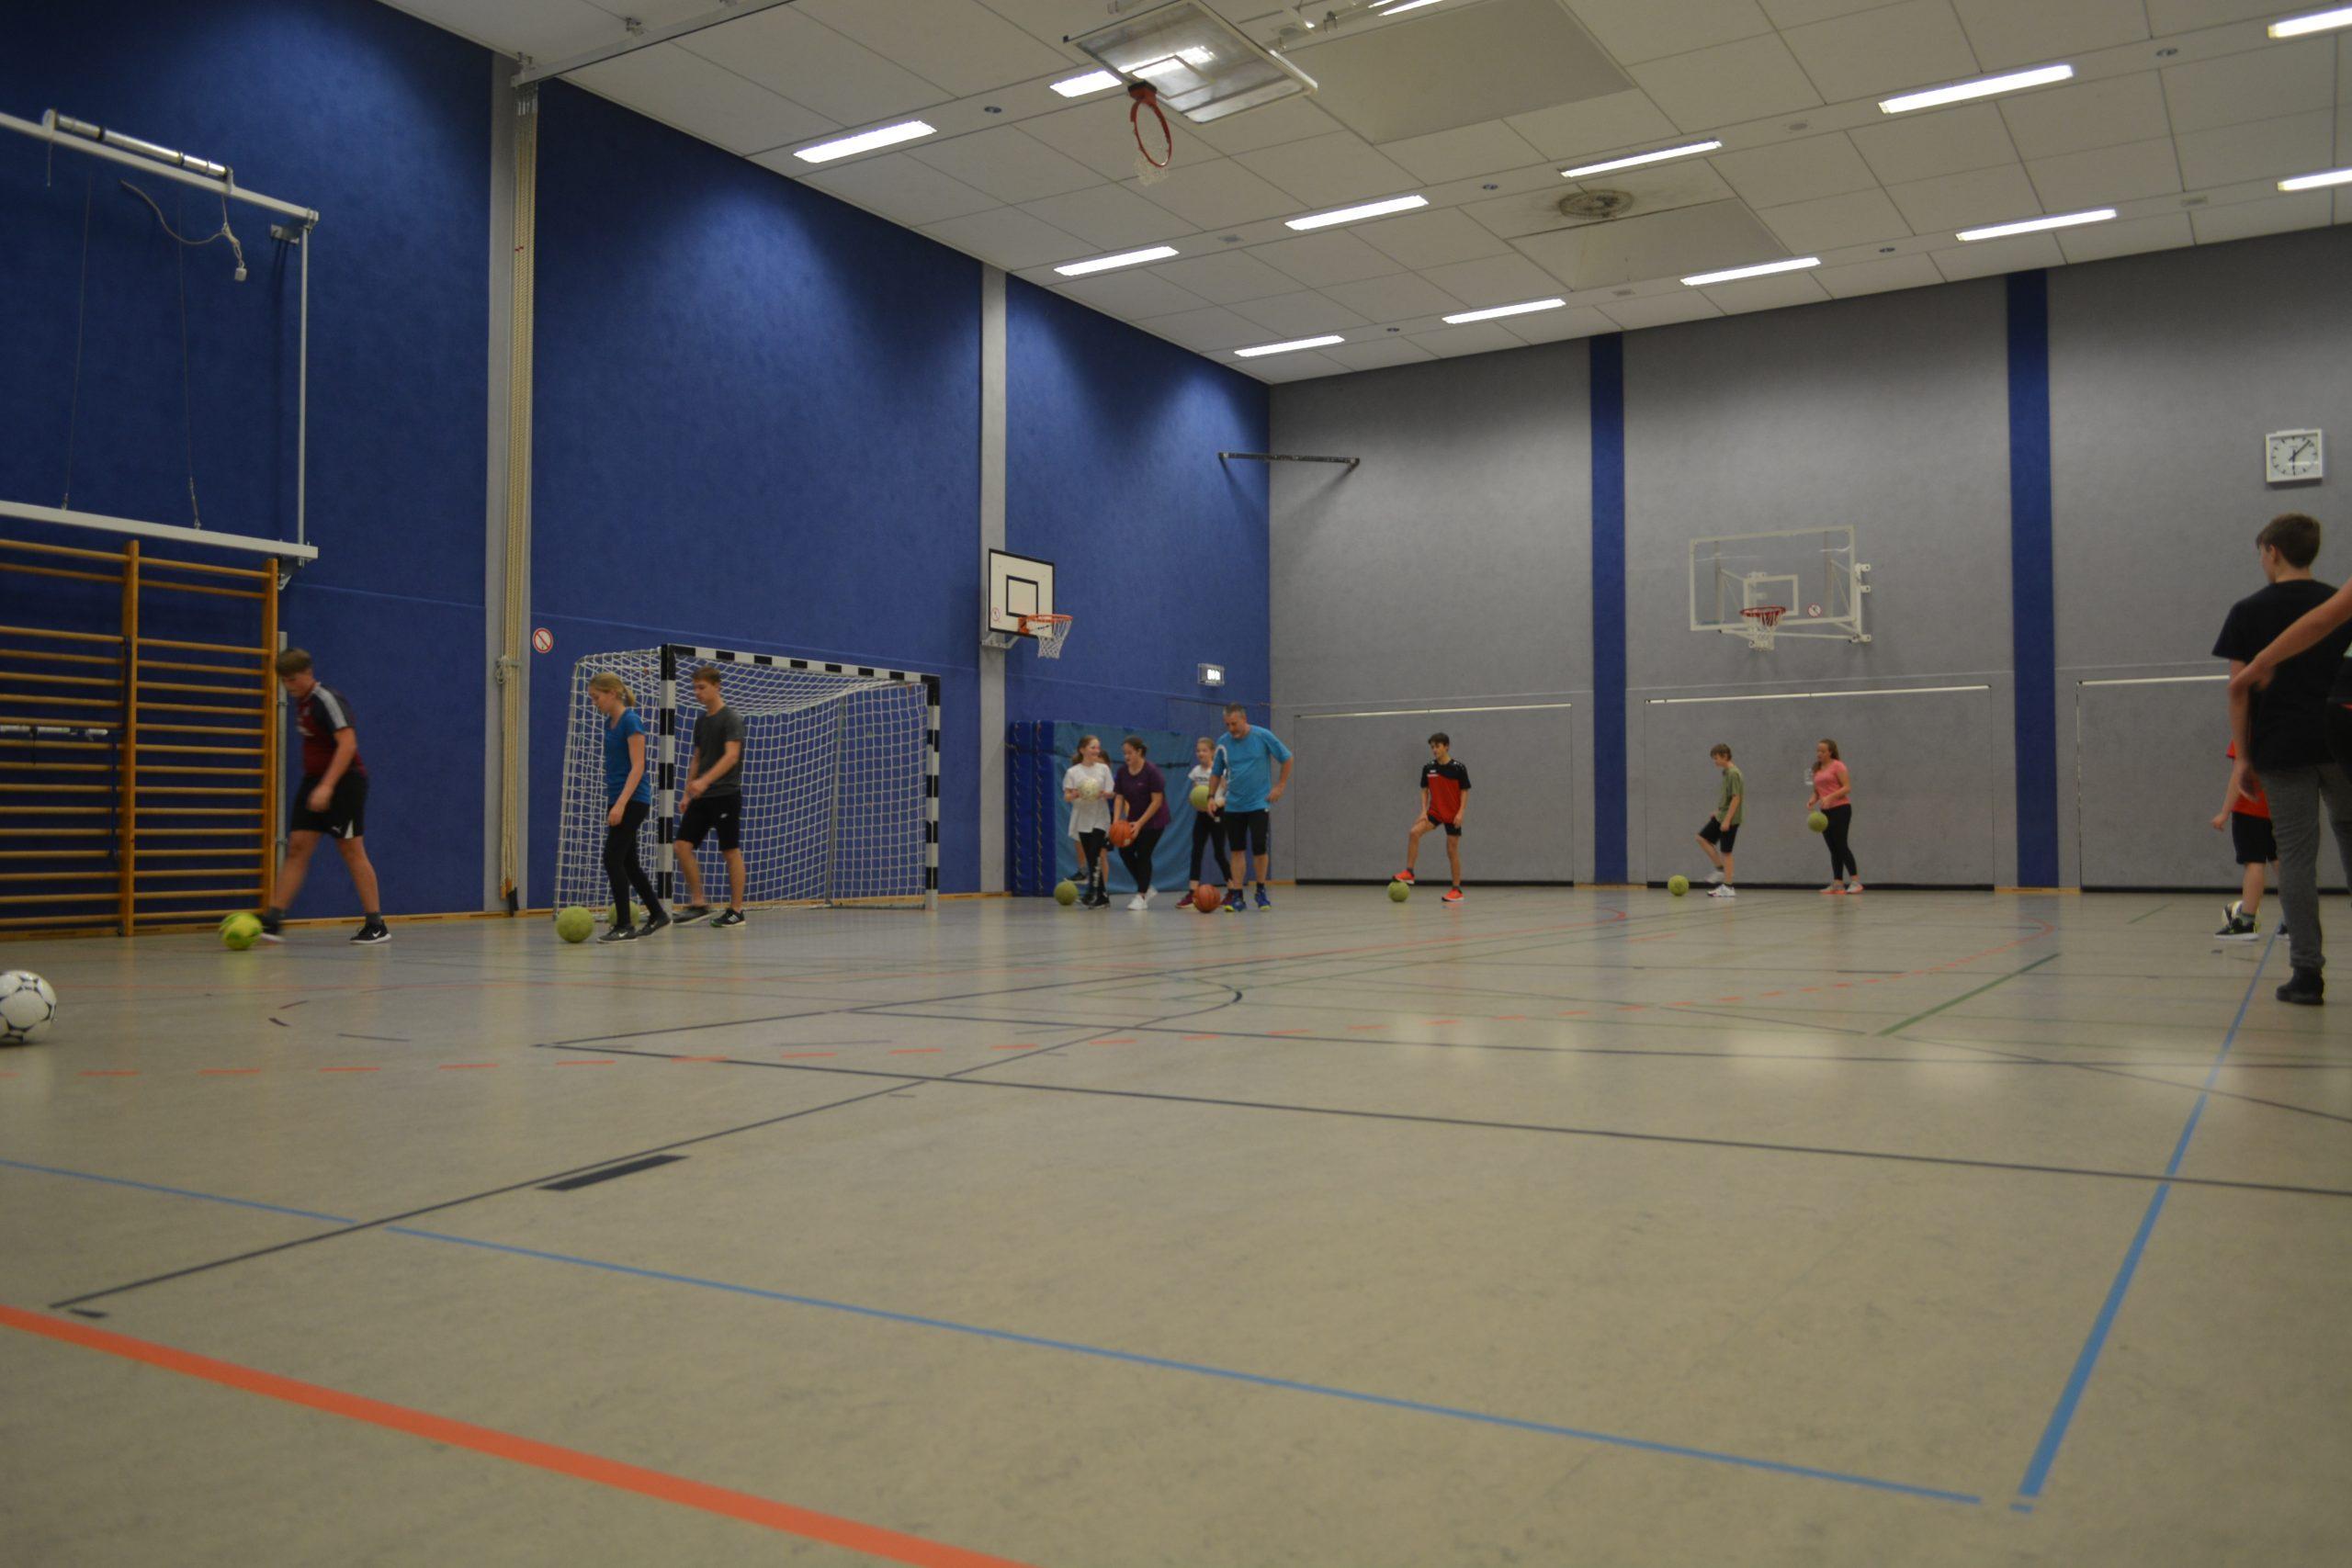 Kinder in der Sporthalle, machen Übungen mit Fußbällen